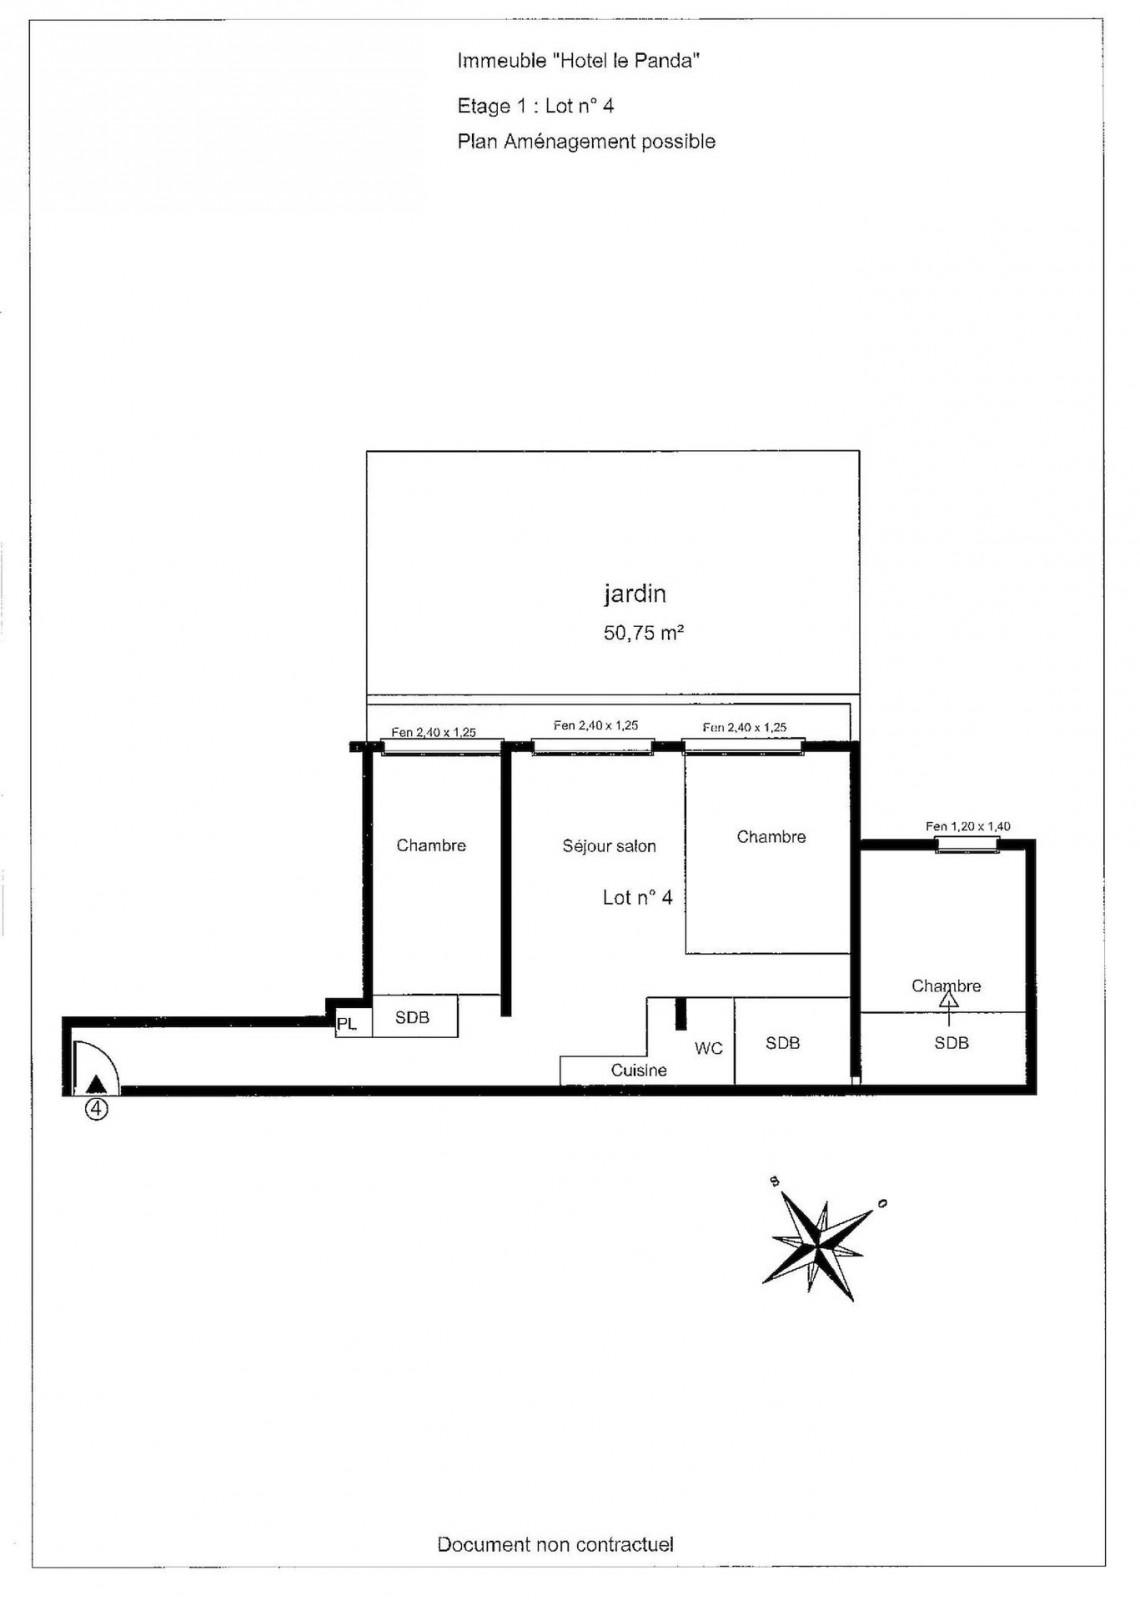 La Panda 4 Floor Plan